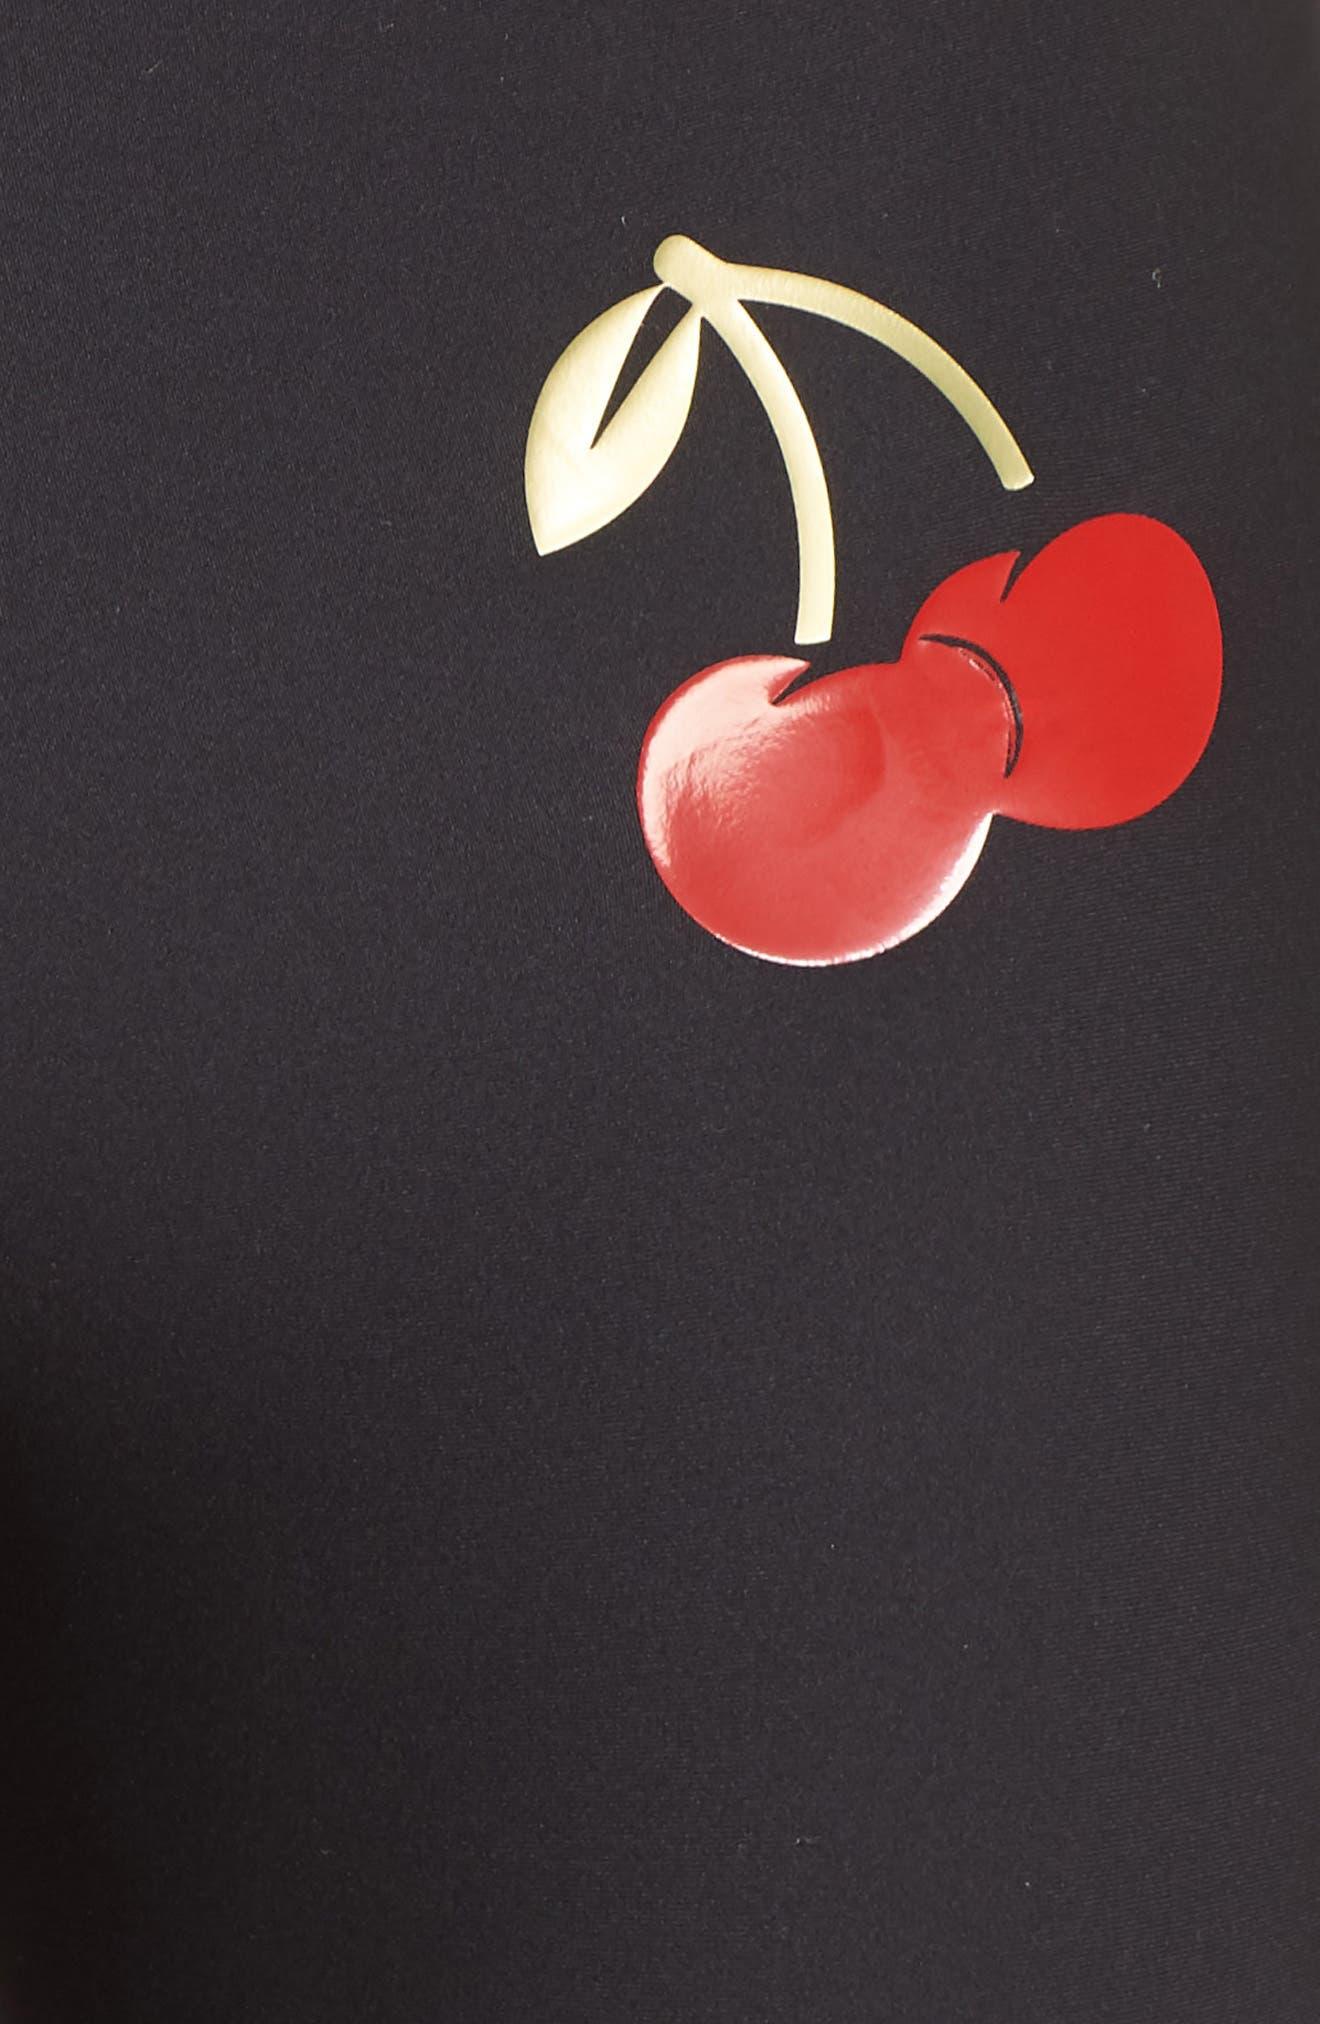 Ultra Cherry Pop Leggings,                             Alternate thumbnail 6, color,                             001